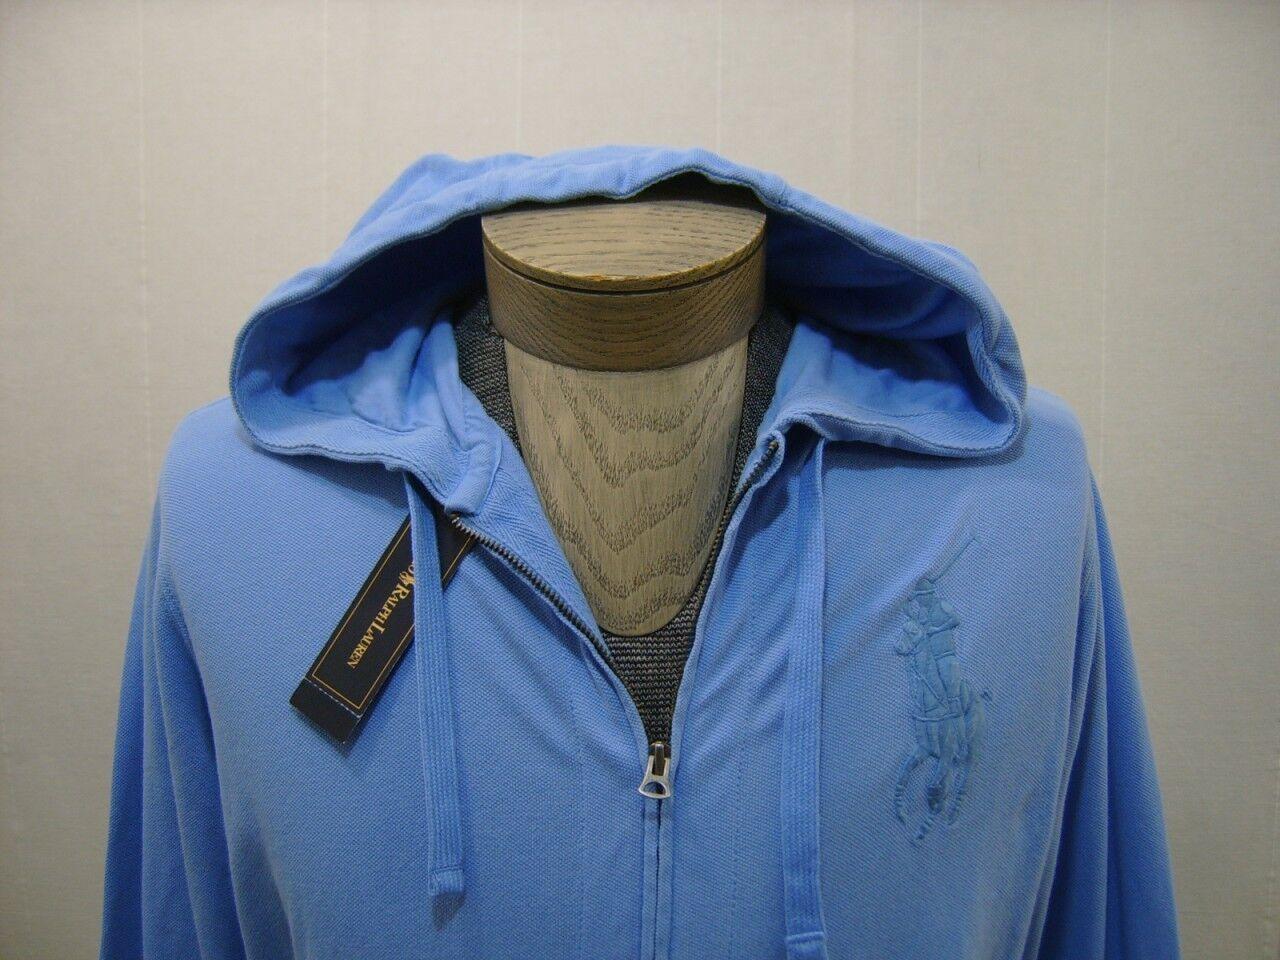 Polo Ralph Lauren  Herren Big Pony M Full Zip Hoodie Hooded Sweatshirt Shirt Blau